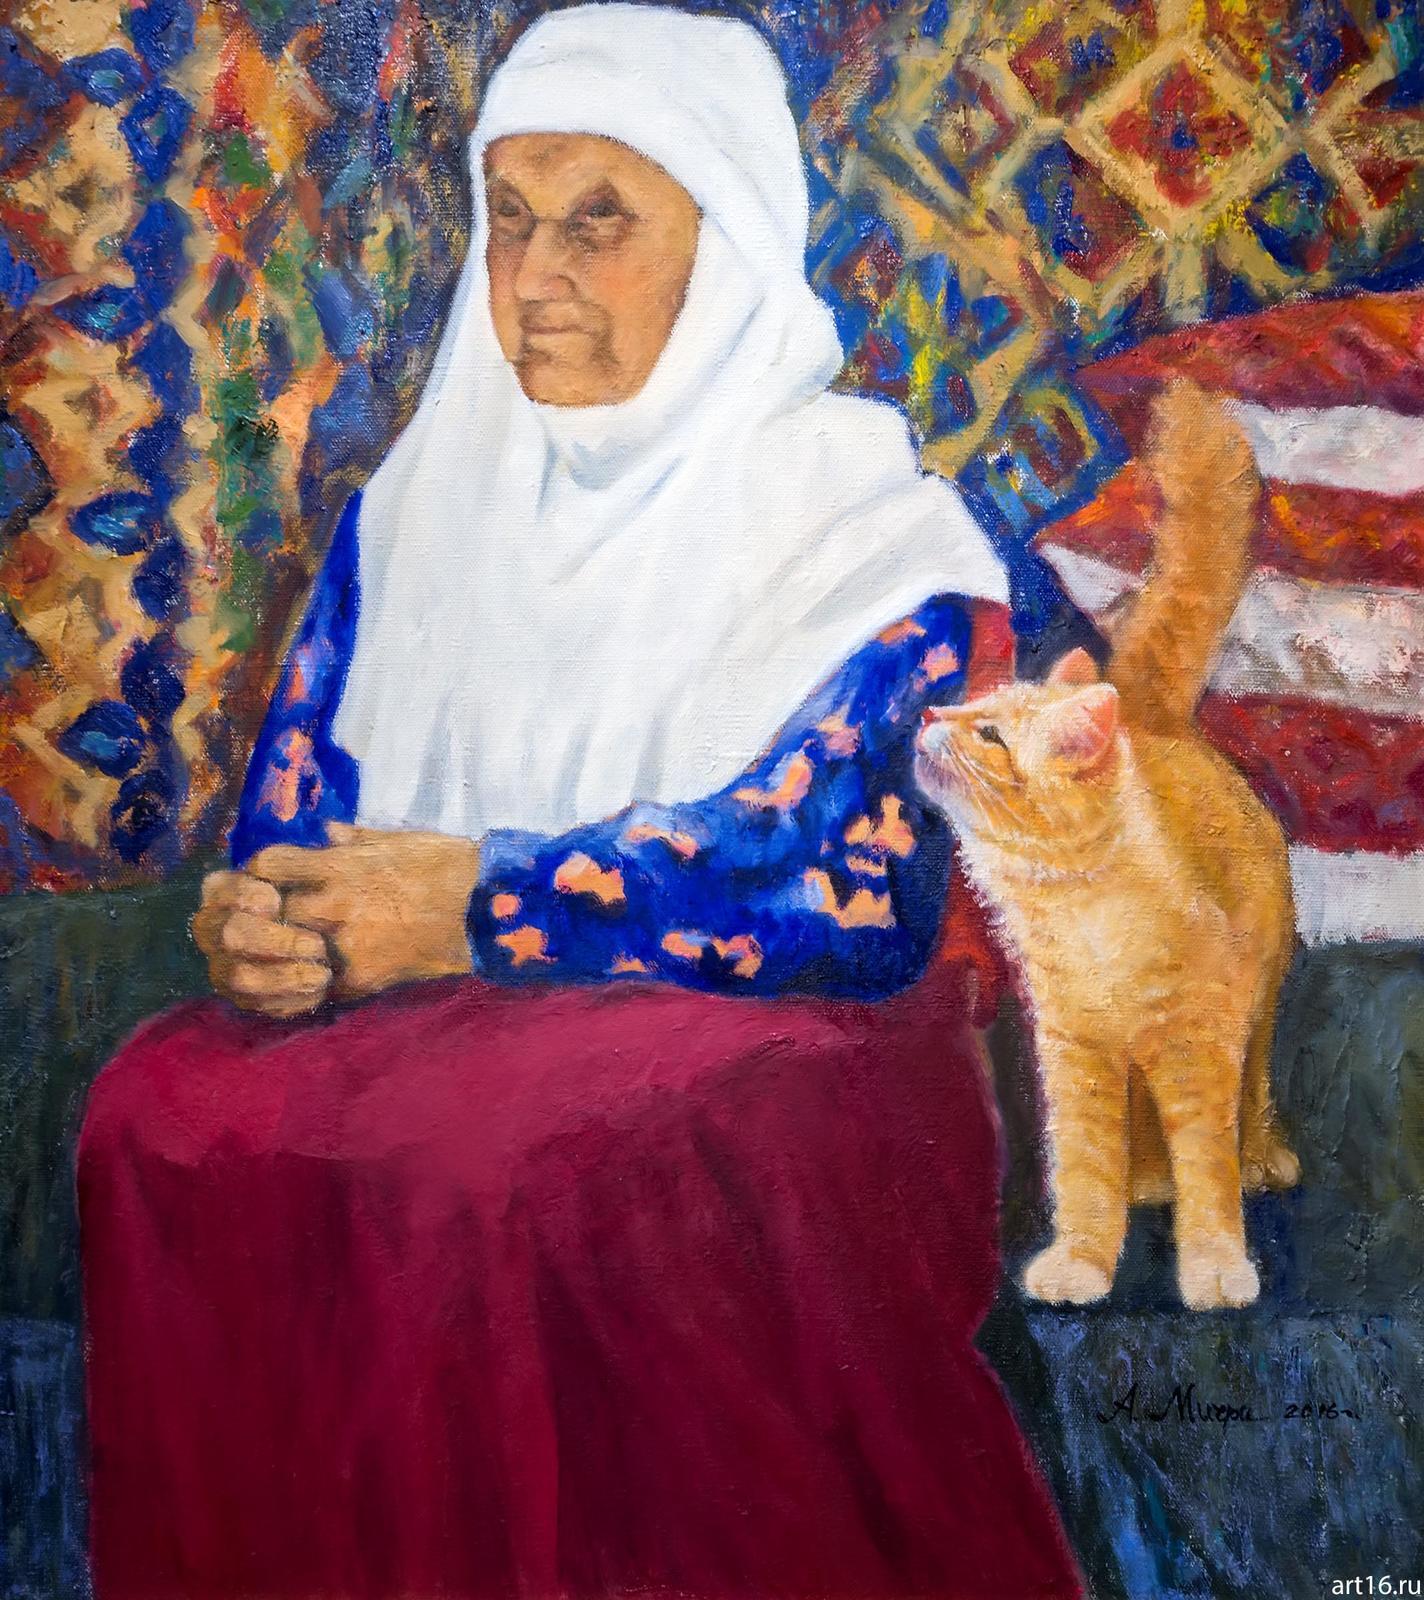 Фото №892950. Бабушка с кошкой. 2016. Мичри А.И. 1934